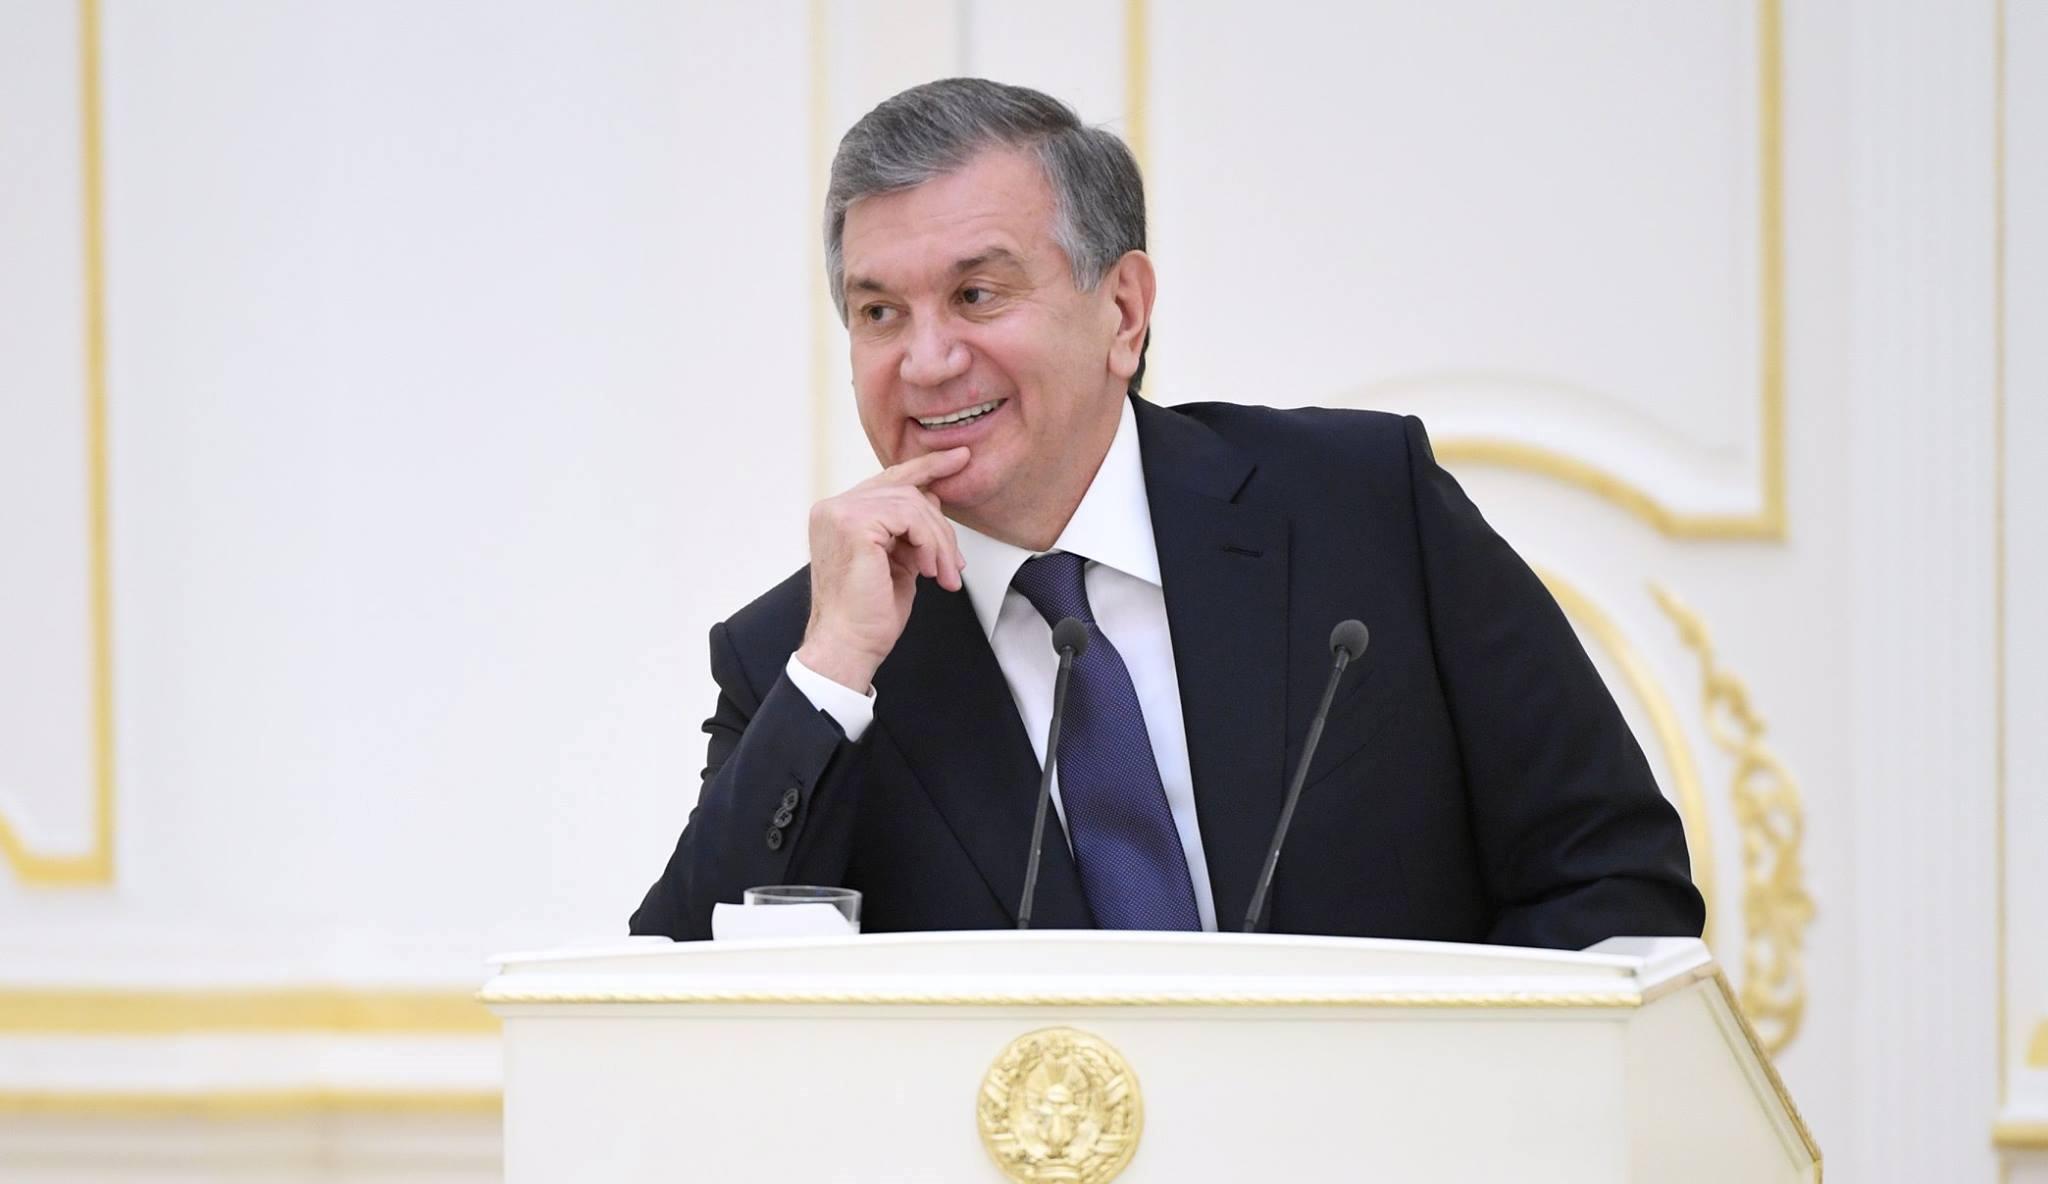 Команда Шавката Мирзиёева рассказала о главных направлениях в развитии Узбекистана